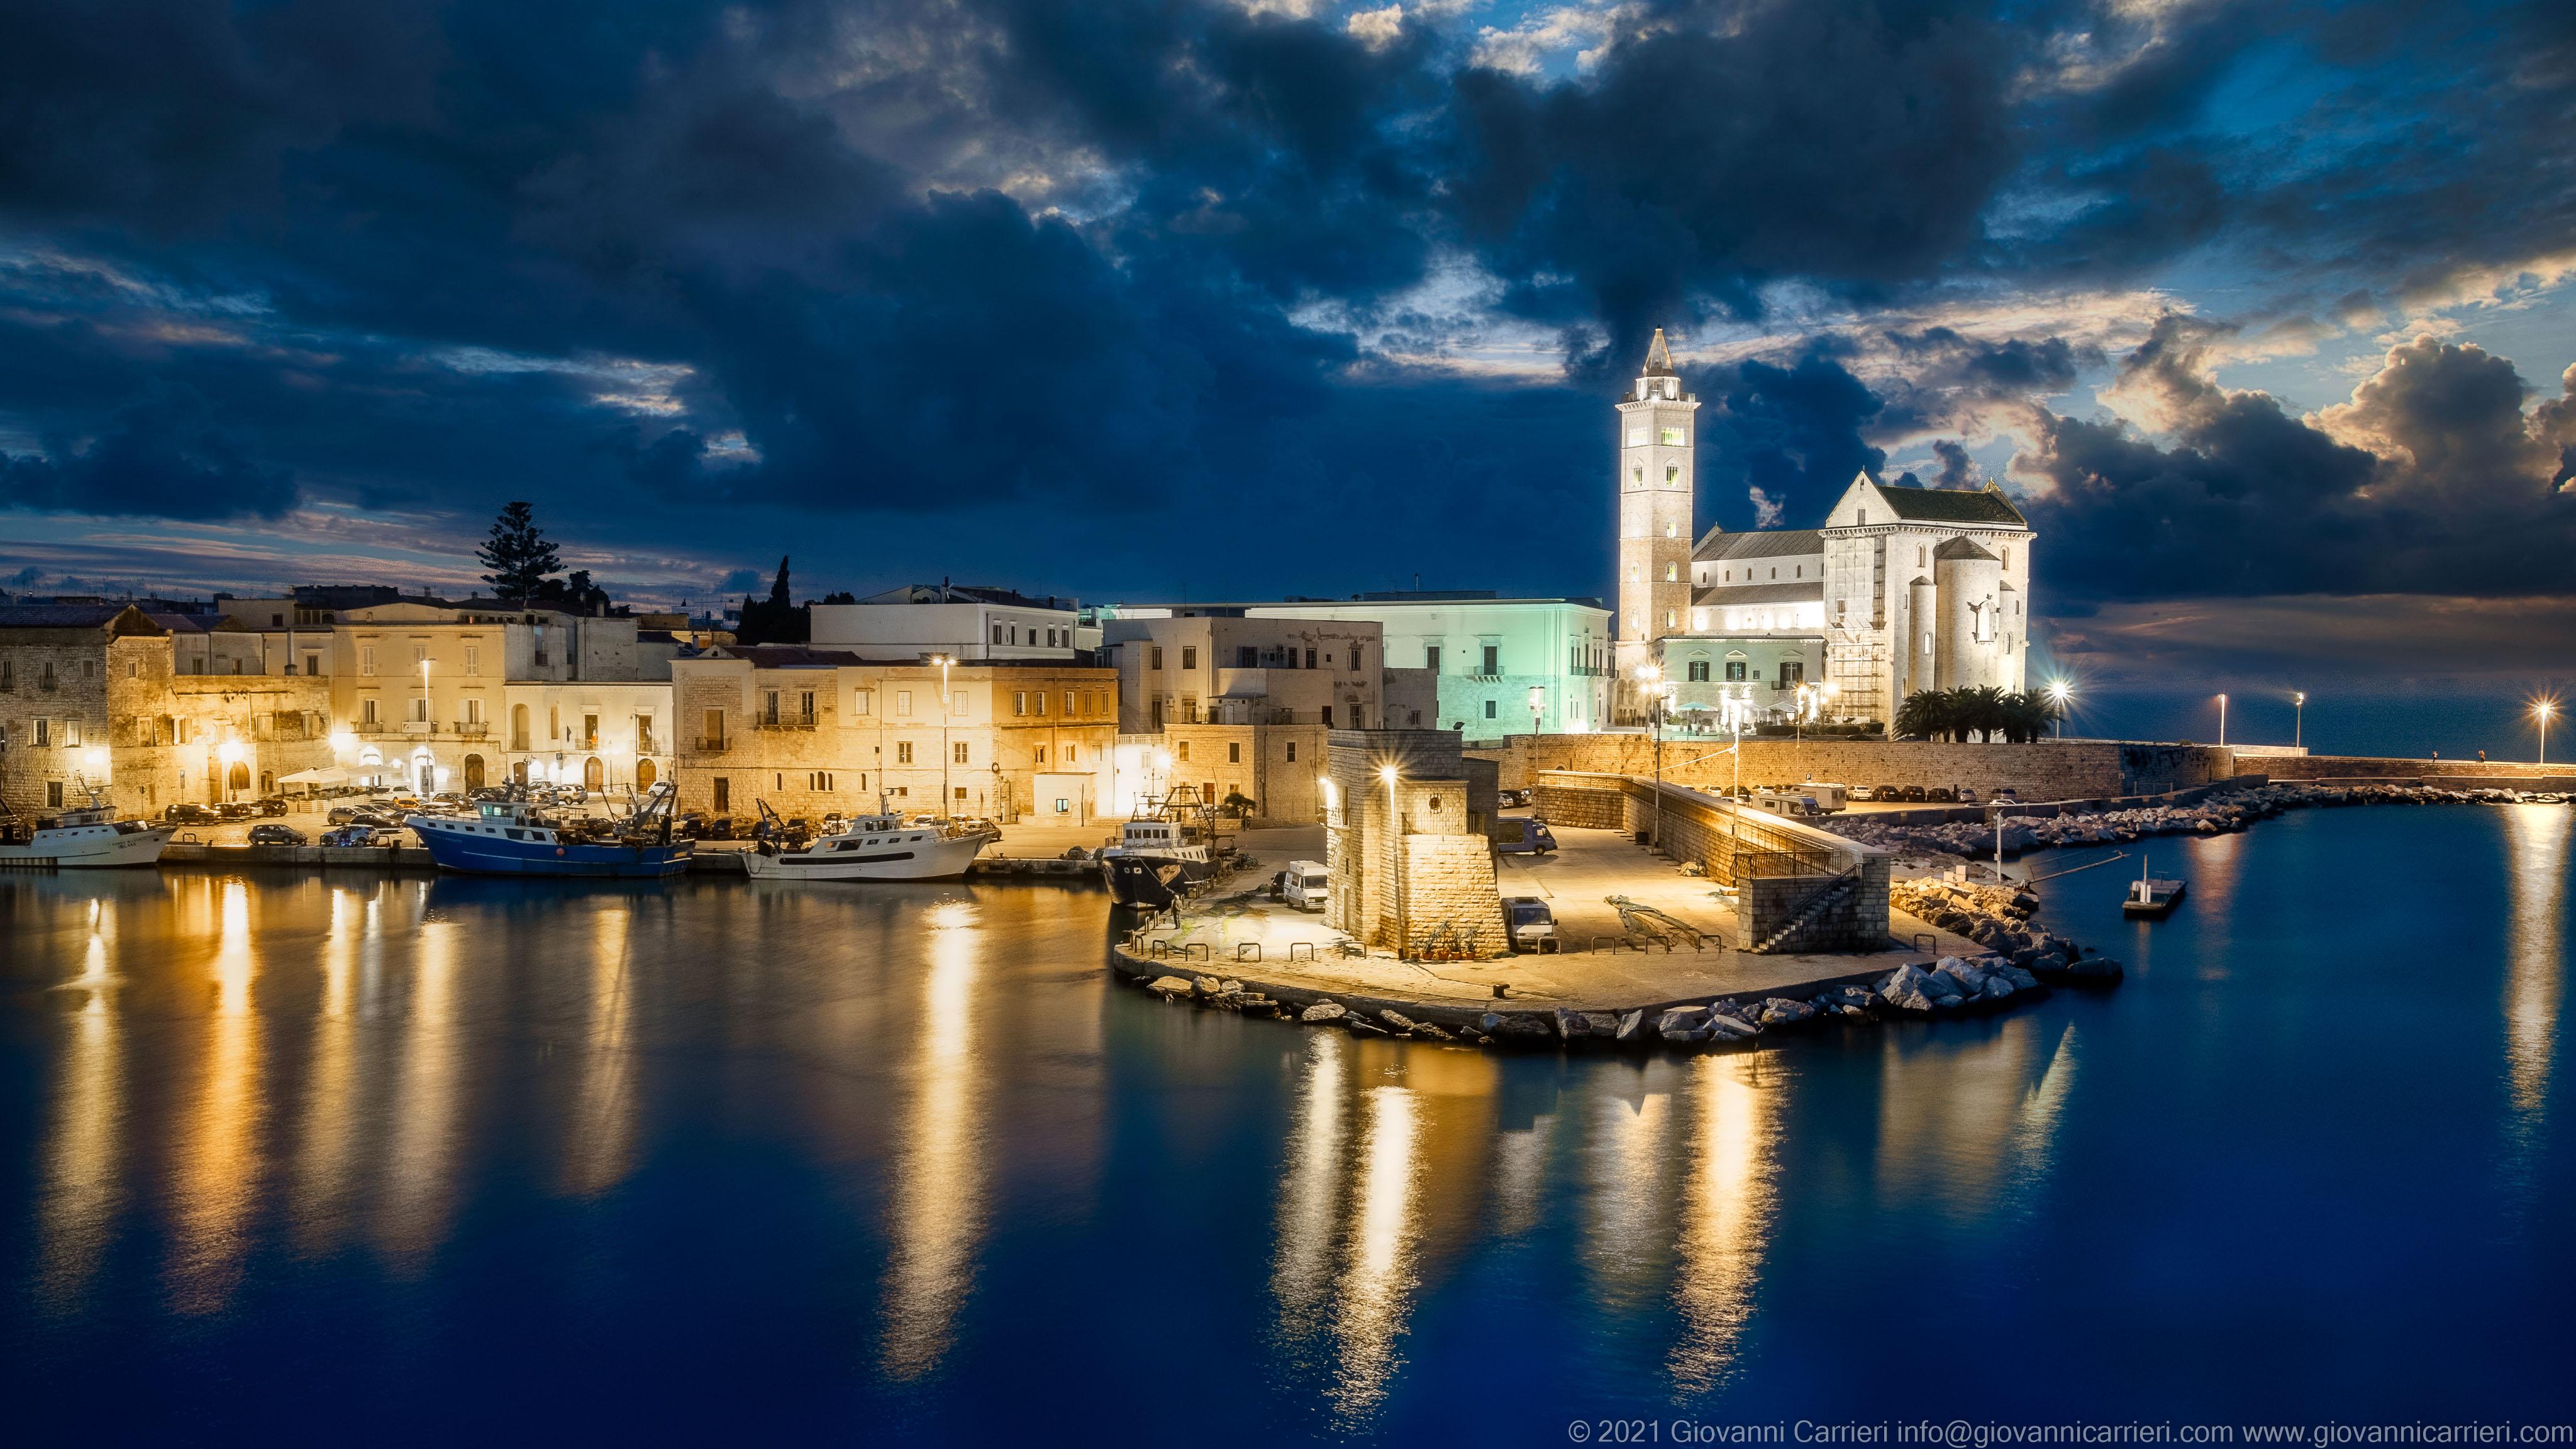 Il porto di Trani in notturna Vista notturna del porto e della Basilica di San Nicola Pellegrino. Trani